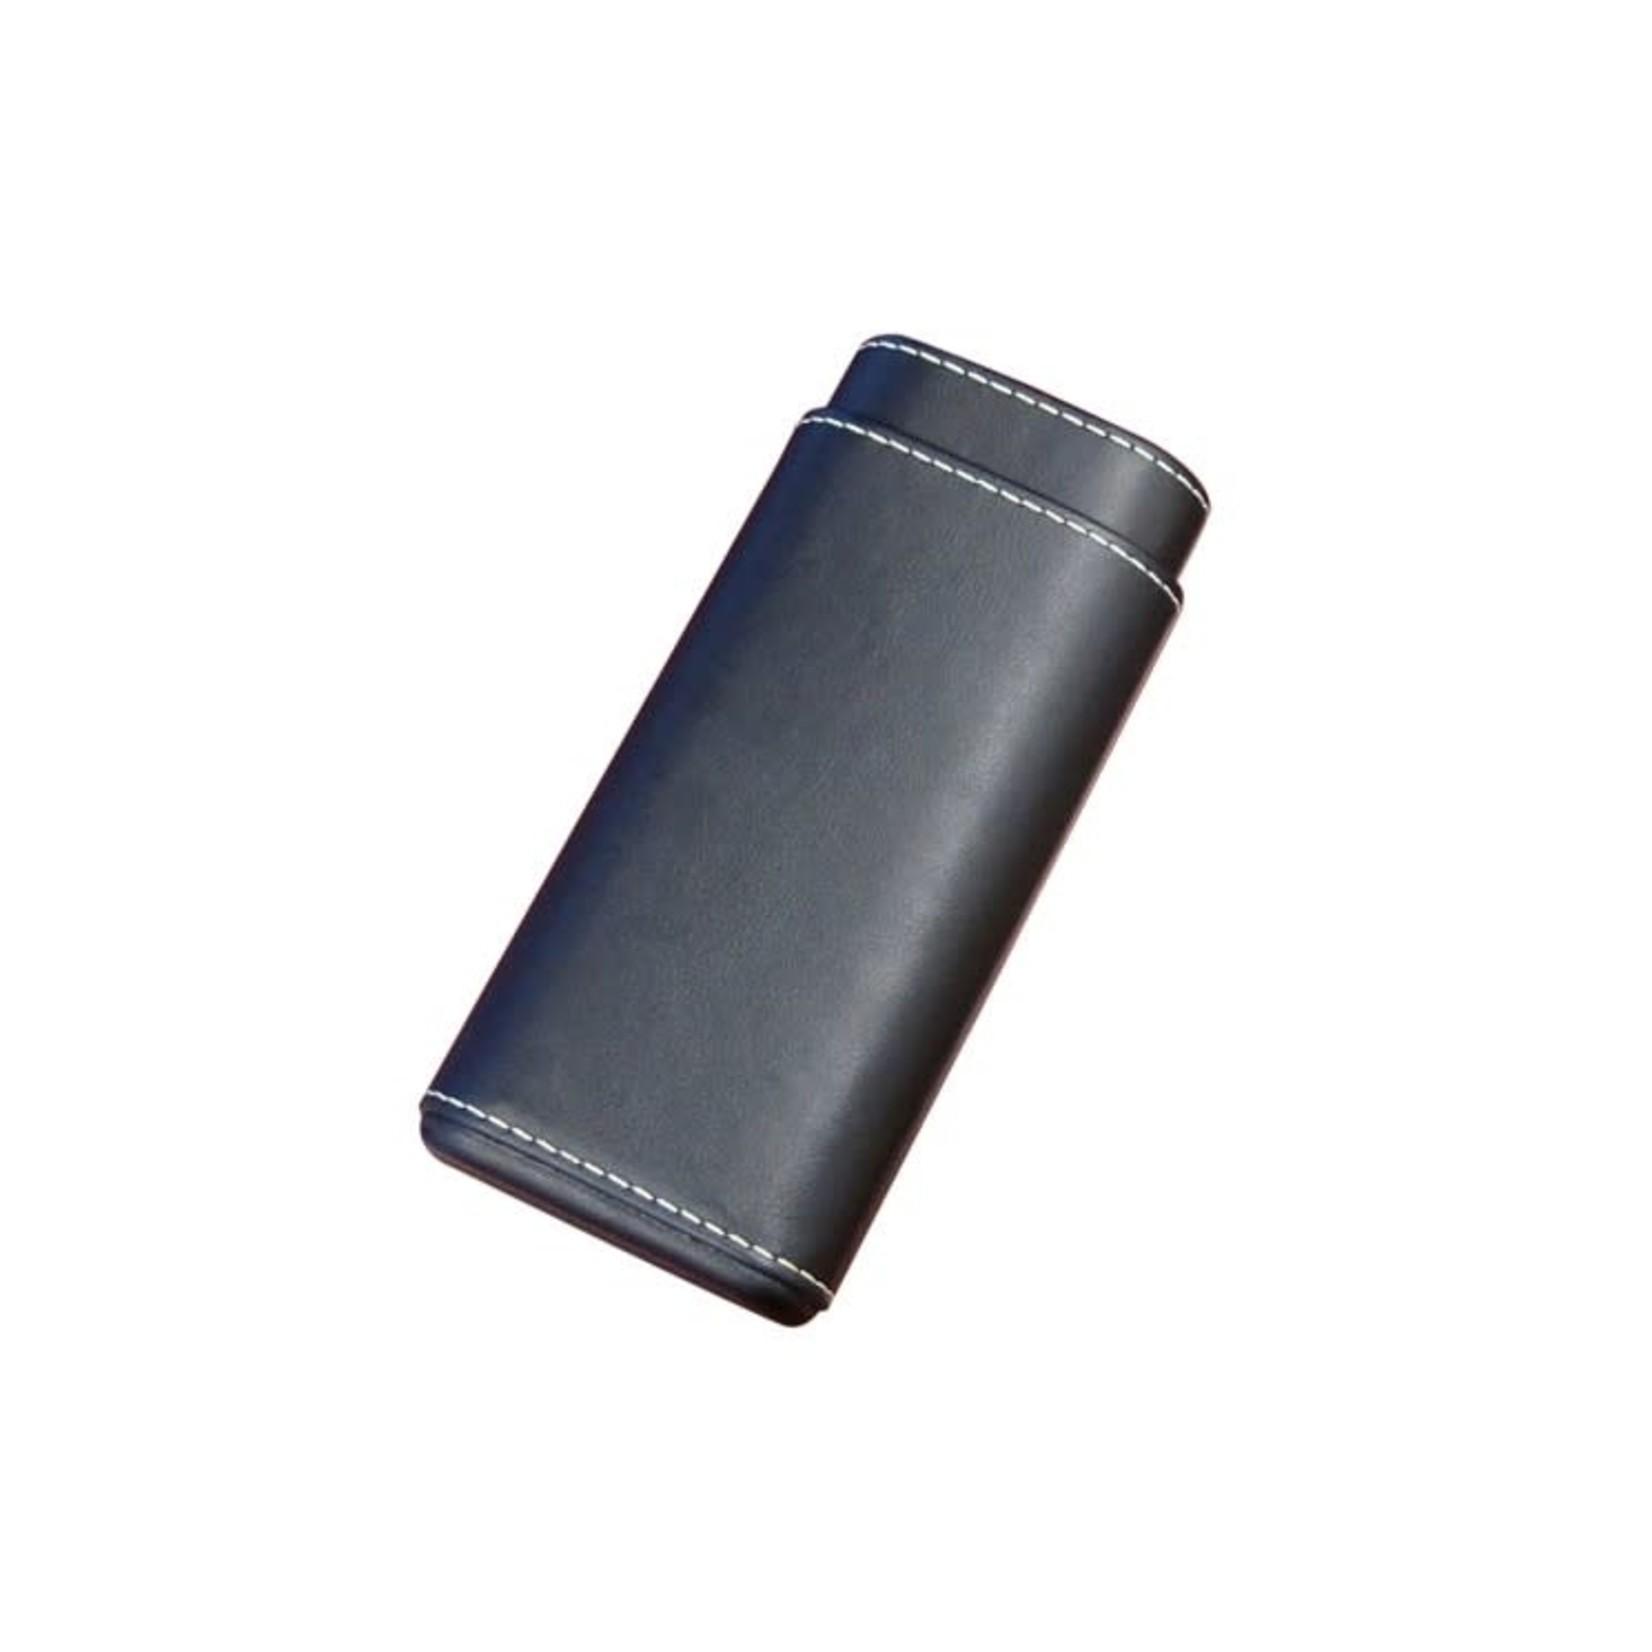 Prestige Import Group Leather Cigar Holder